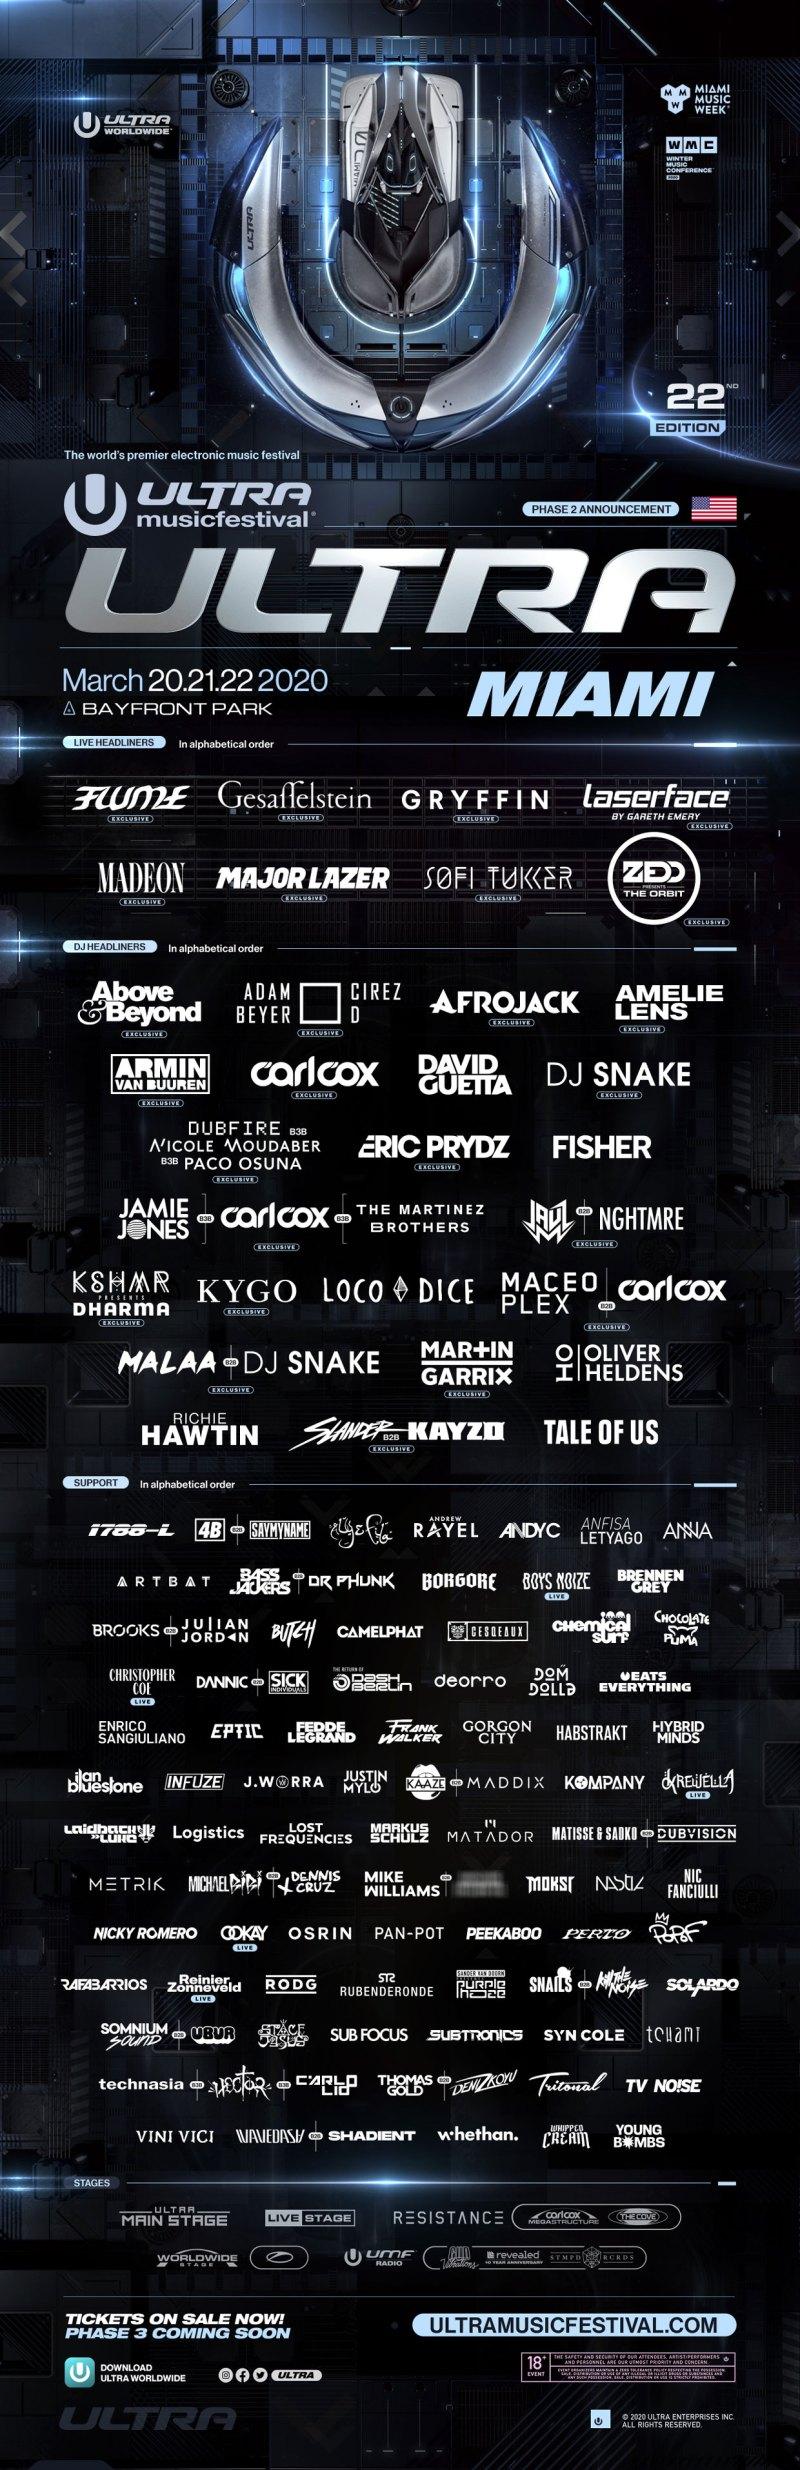 2020-ultra-miami-poster-billboard-1240